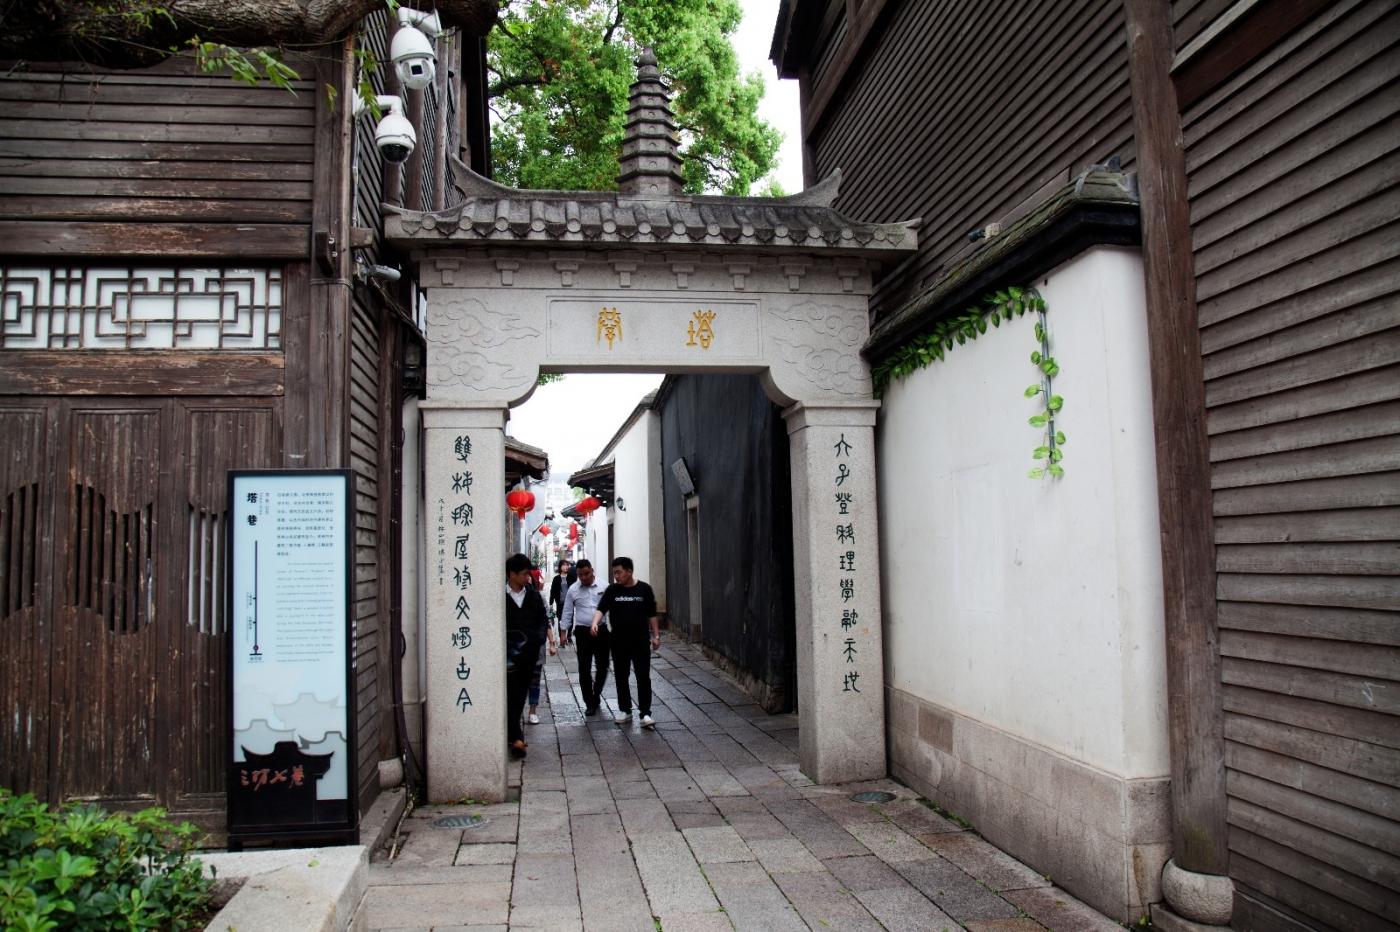 三坊七巷是福州市的旅游胜地_图1-3